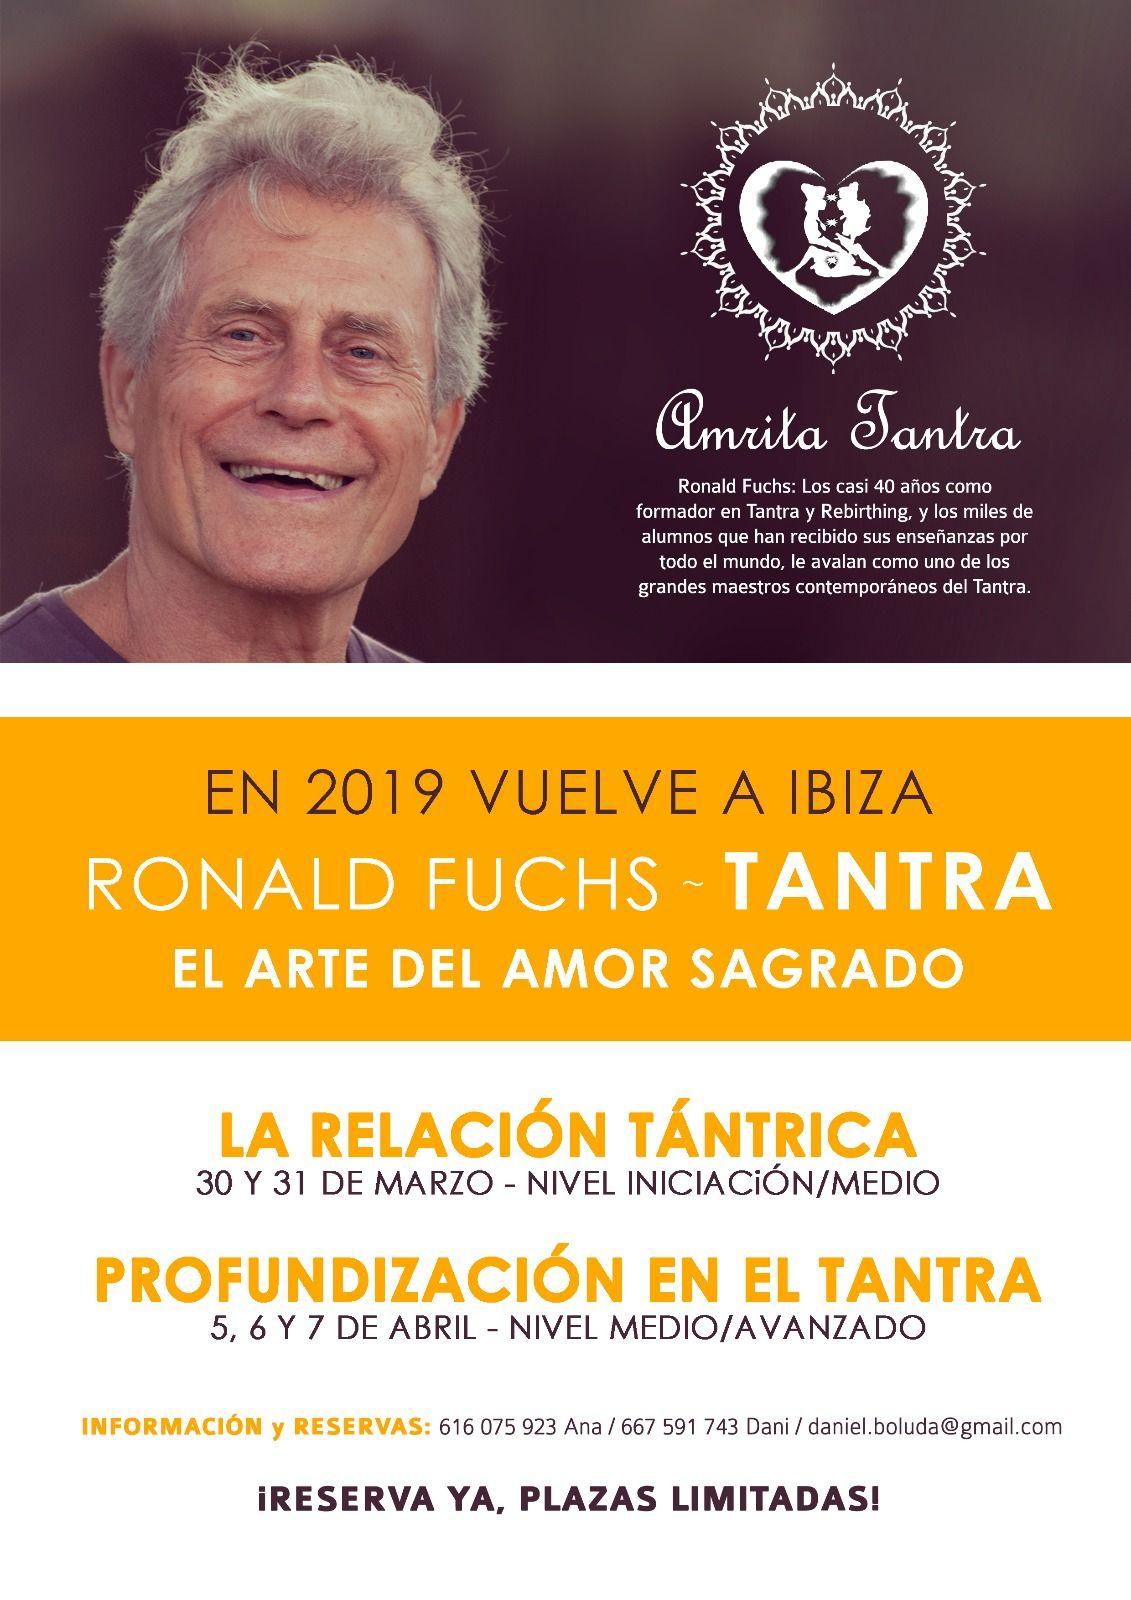 Curso de Tantra 5, 6 y 7 de Abril en Ibiza